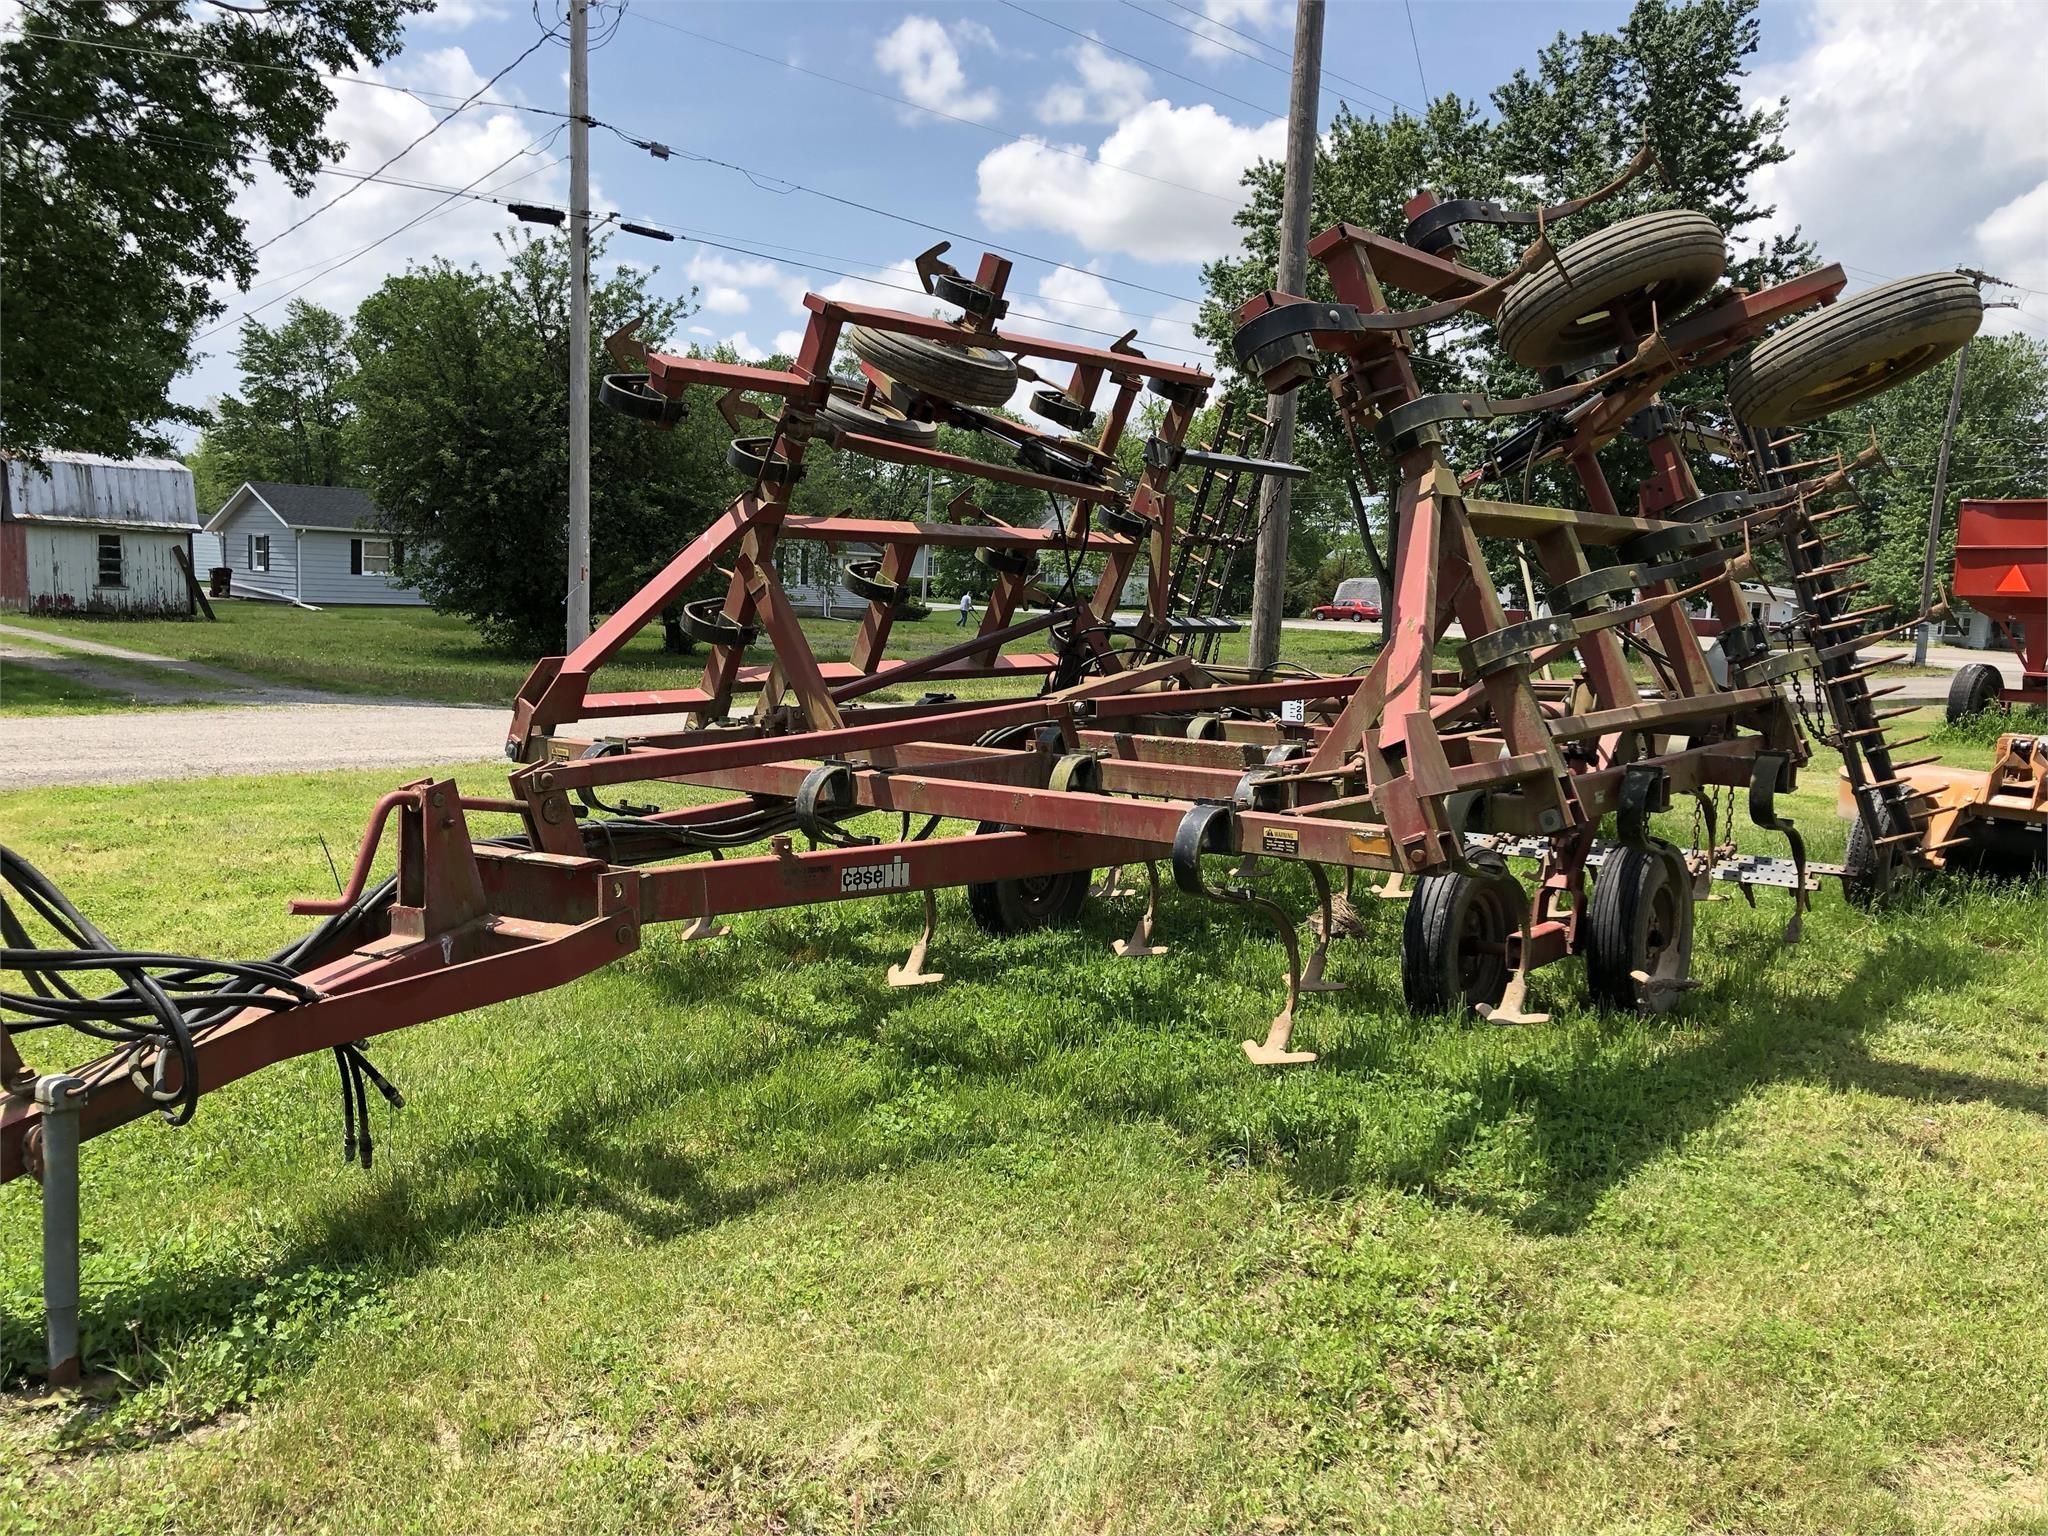 1996 Case IH 4800 Field Cultivator